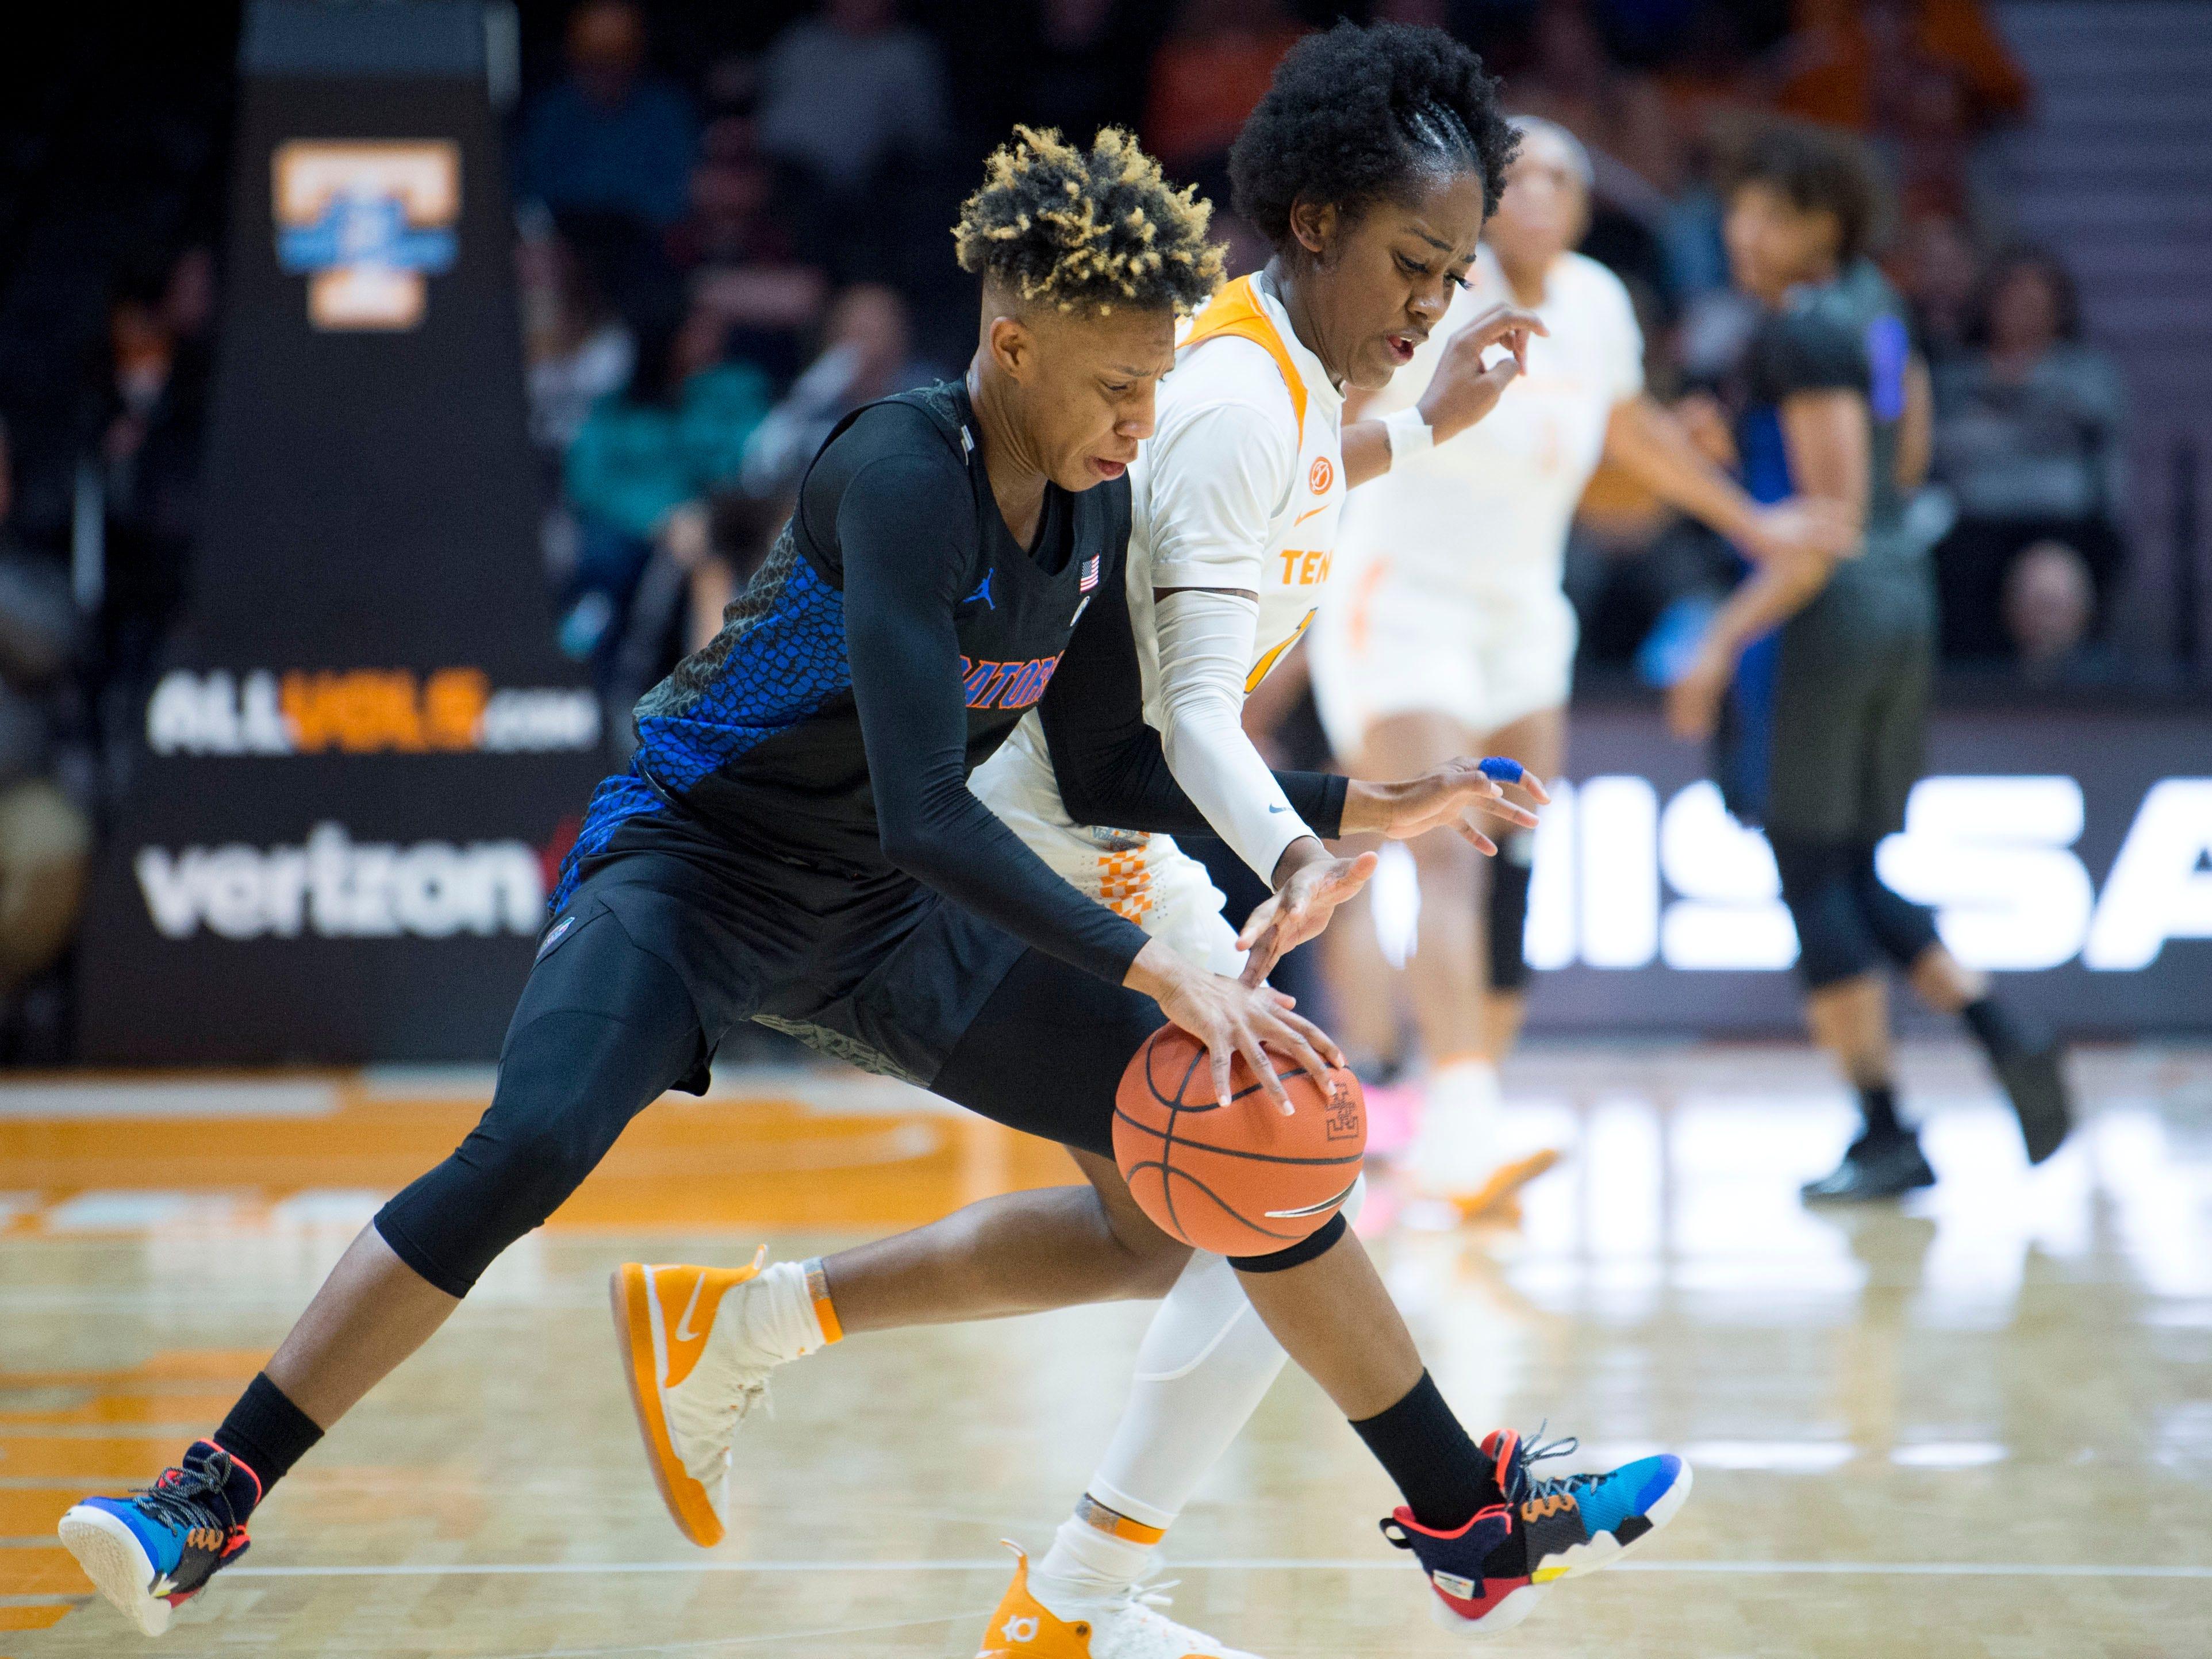 Tennessee's Zaay Green (14) guards Florida's Kiara Smith (1) on Thursday, January 31, 2019.